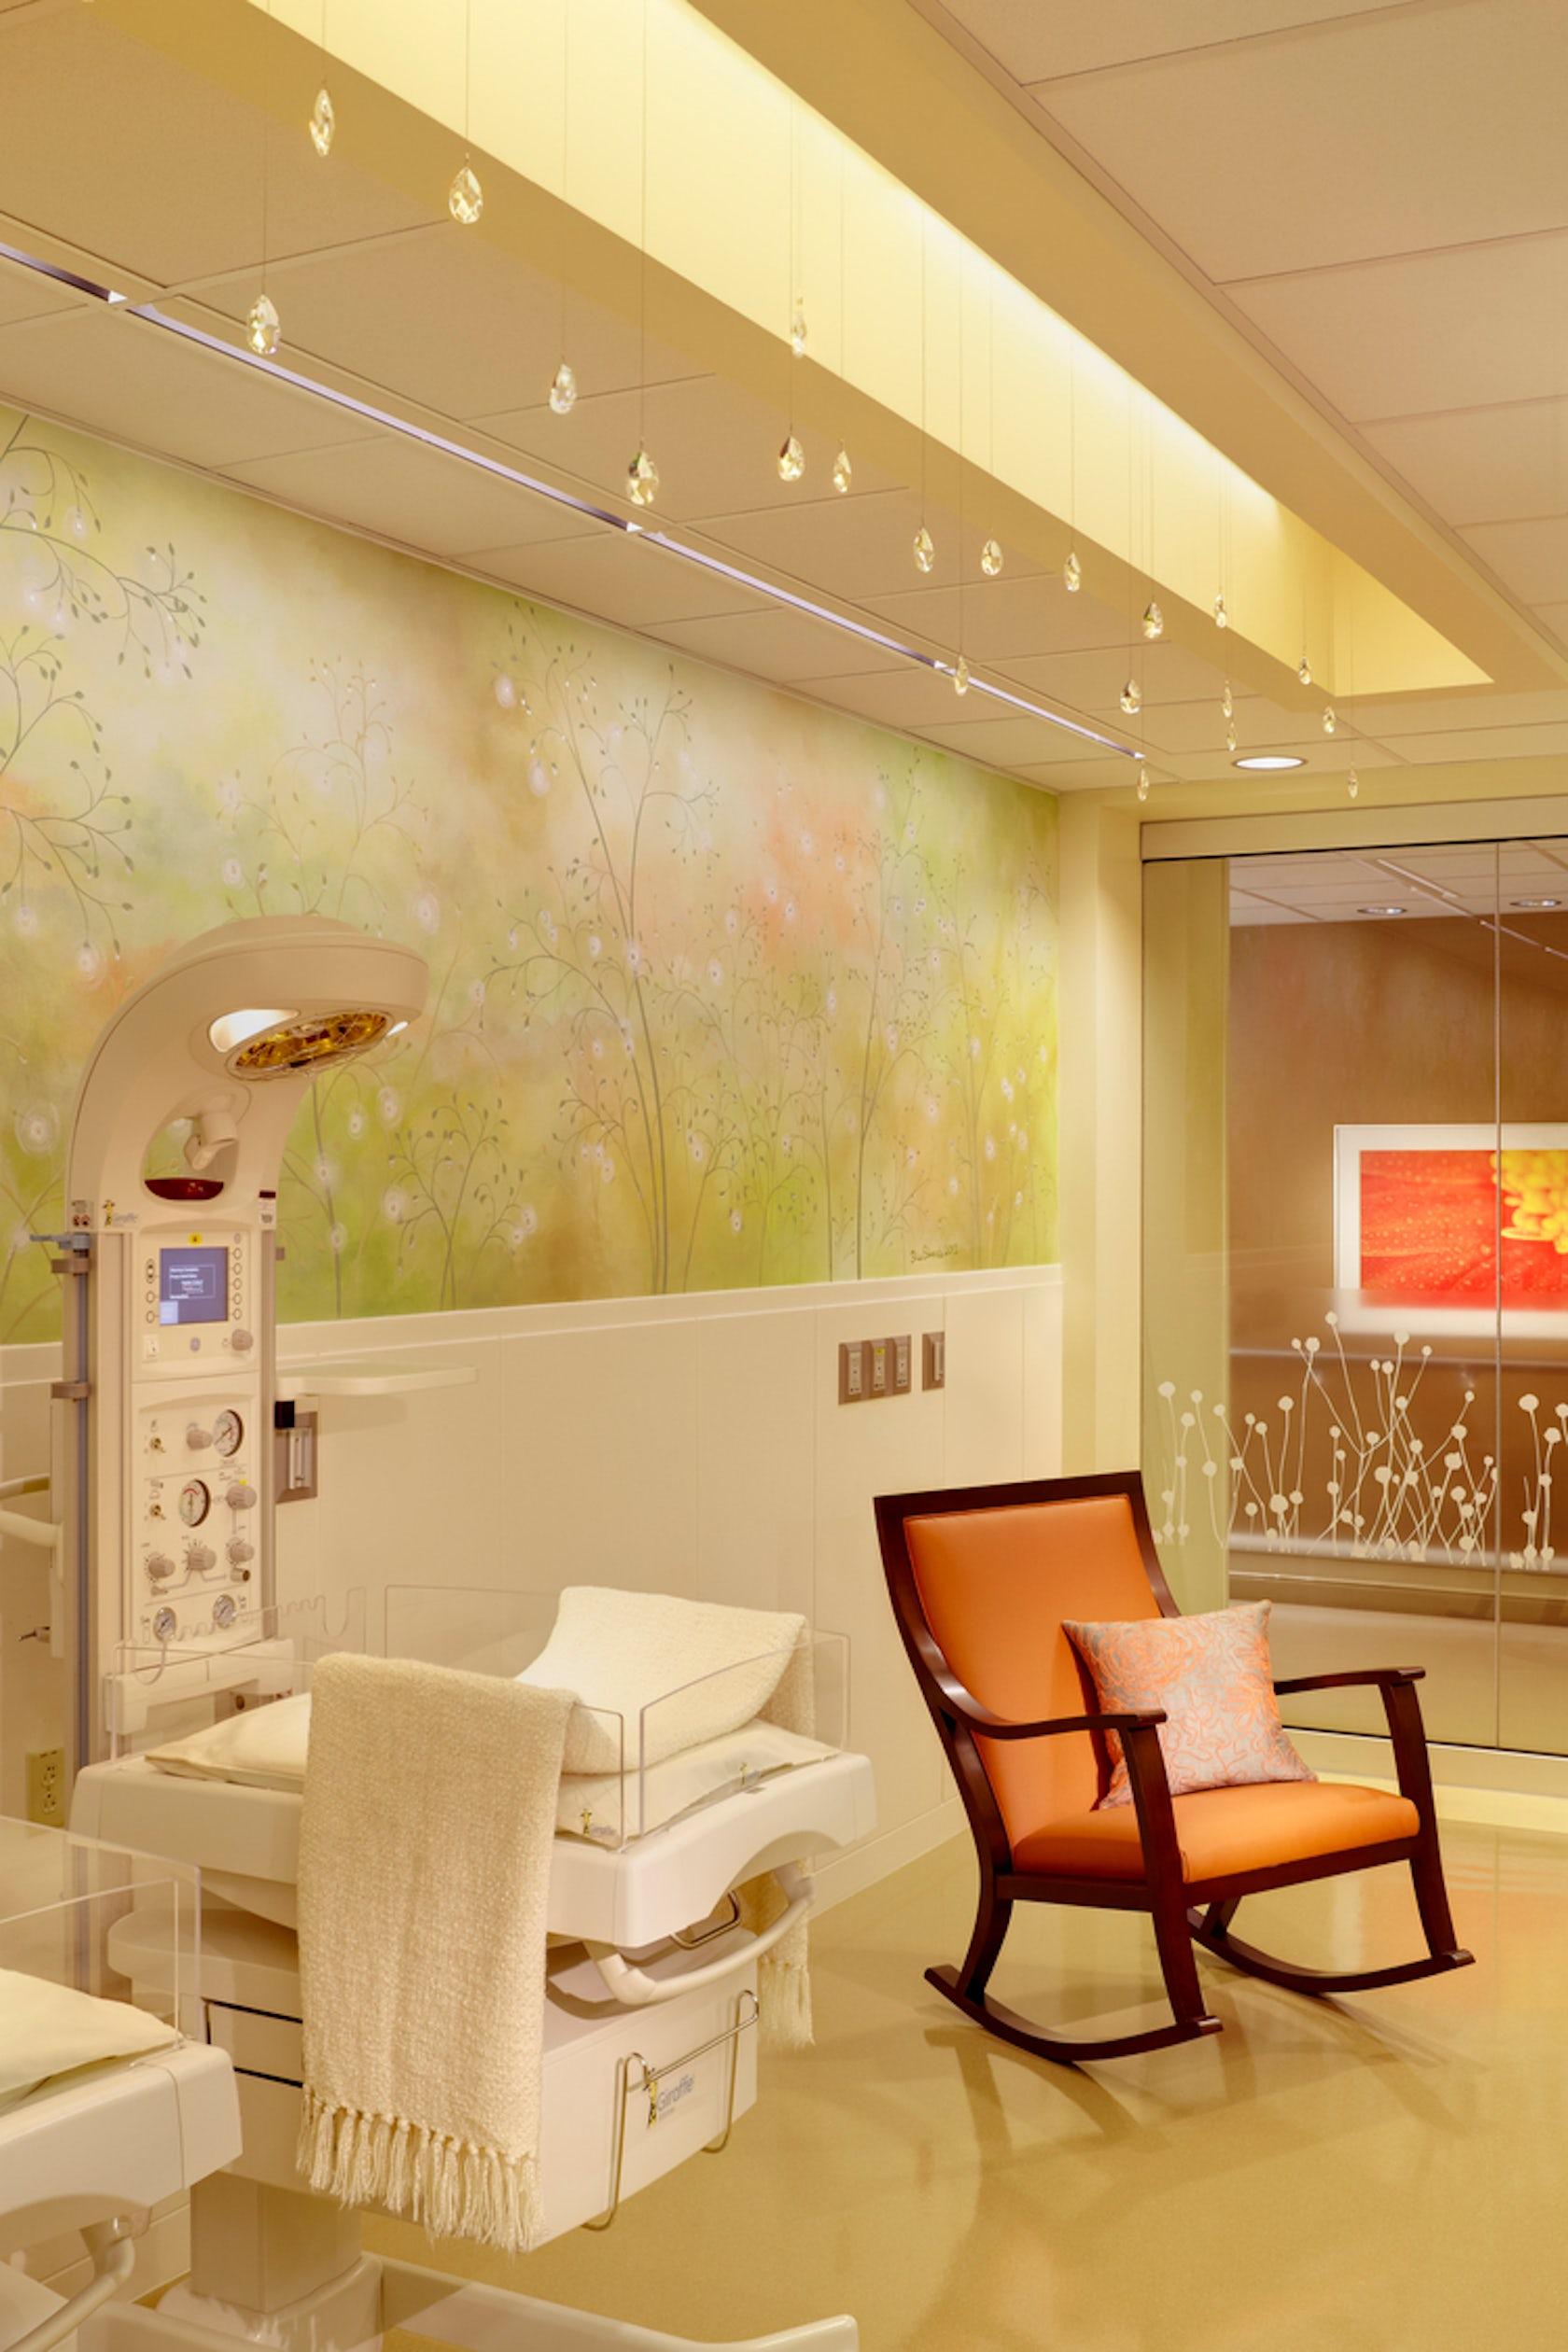 Patient Room Design: St. Vincent Fishers Hospital